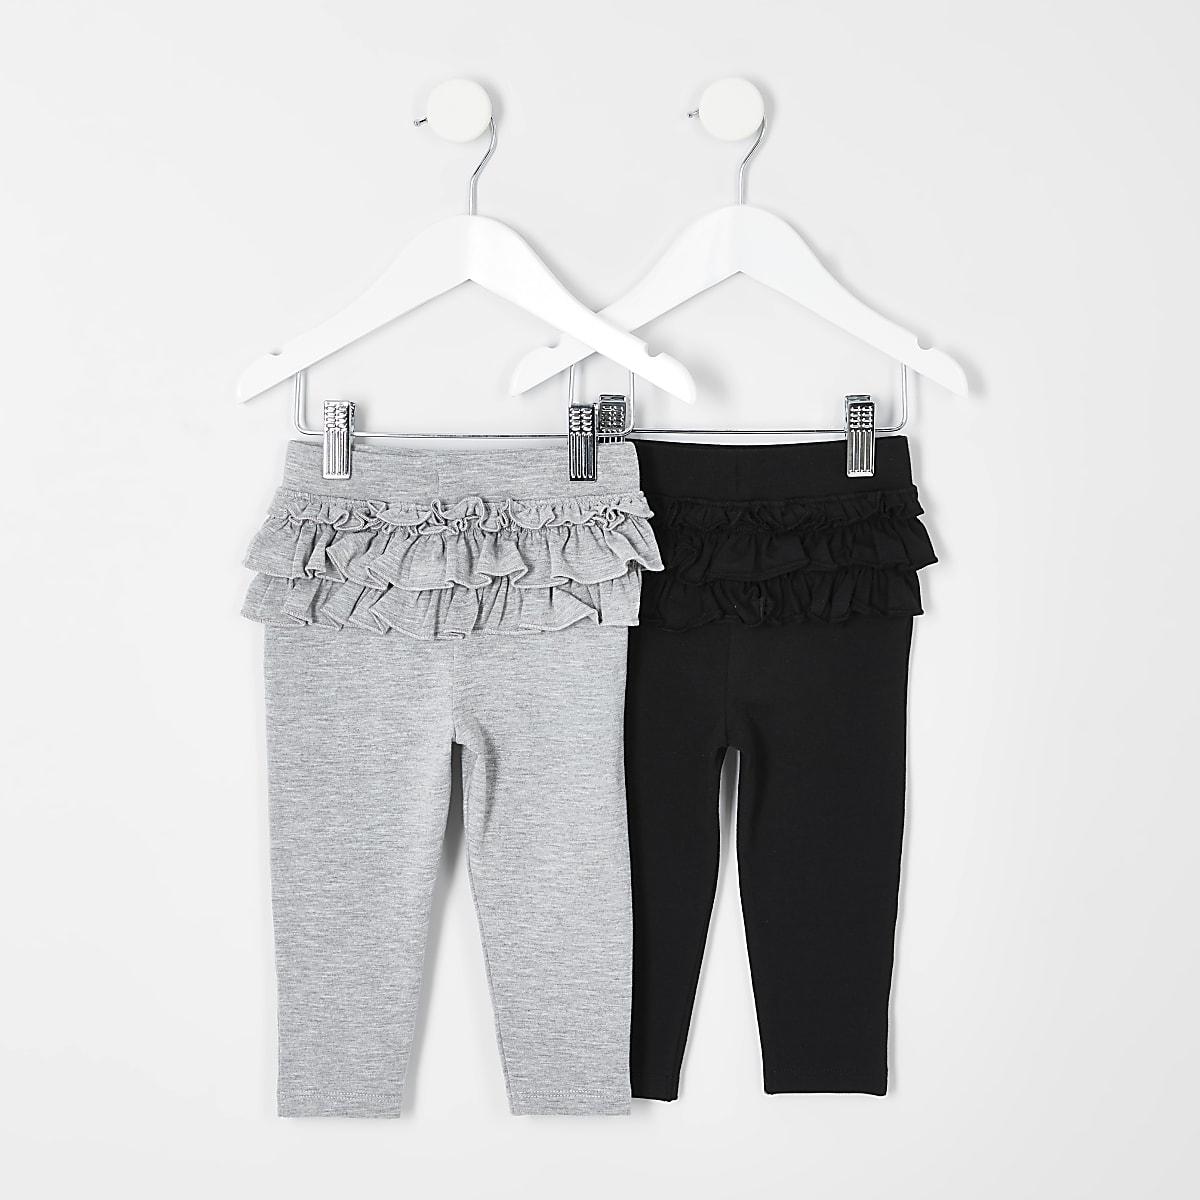 Mini - Set van 2 zwarte/grijze leggings met ruches voor meisjes